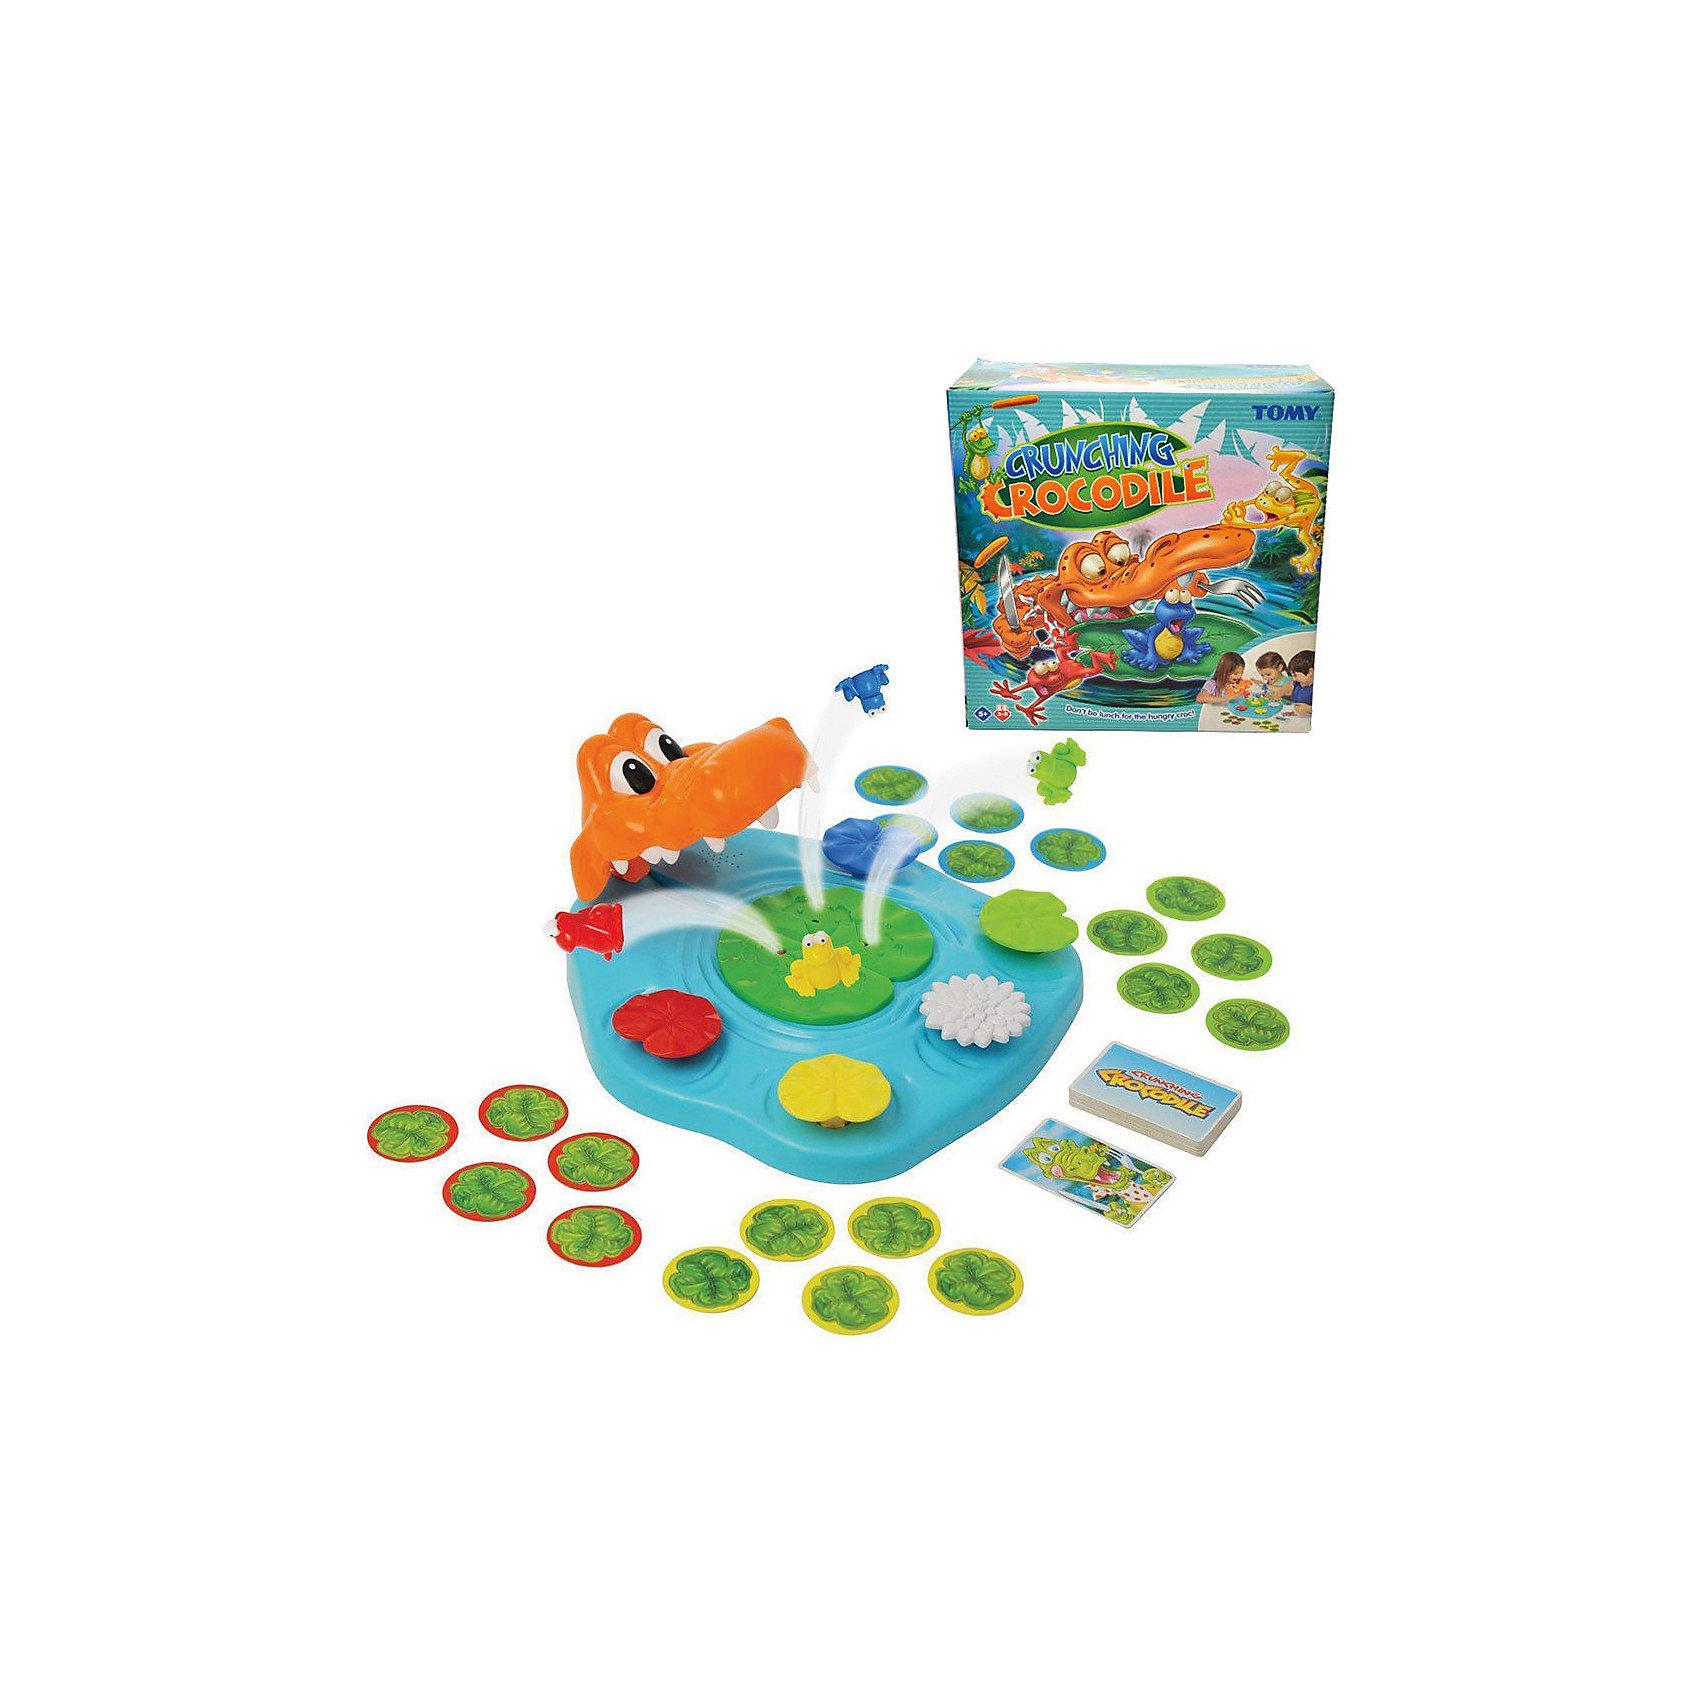 Игра Берегись Крокодила!, TOMYАктивные игры<br>Характеристики игры Берегись Крокодила!:<br><br>-возраст: от 5 лет<br>- пол: для мальчиков и девочек<br>- комплект: игровое поле, карточки, 4 лягушки.<br>-количество предполагаемых игроков: 3-5.<br>- материал: пластик, картон.<br>- размер упаковки: 26 * 26 * 12 см.<br>-упаковка: картонная коробка.<br>-вес: 800 гр.<br>-страна обладатель бренда: Великобритания.<br><br>Настольная игра Берегись Крокодила! от компании Tomy носит развлекательный характер. В нее можно играть небольшой компанией: с семьей или лучшими друзьями. Ведущий переворачивает картонные карточки, на которых изображены различные животные. Если попадается картинка с крокодилом, то надо быстро нажать на листок лилии. Цель игры - спасти свою лягушку от крокодила. Все элементы набора имеются насыщенные цвета.<br>Карточная игра поможет развить внимательность и реакцию. Время за ней пролетит быстро и весело.<br><br>Игру Берегись Крокодила! торговой марки Tomy (Томи) можно купить в нашем интернет-магазине.<br><br>Ширина мм: 275<br>Глубина мм: 273<br>Высота мм: 121<br>Вес г: 804<br>Возраст от месяцев: 48<br>Возраст до месяцев: 84<br>Пол: Унисекс<br>Возраст: Детский<br>SKU: 4827977